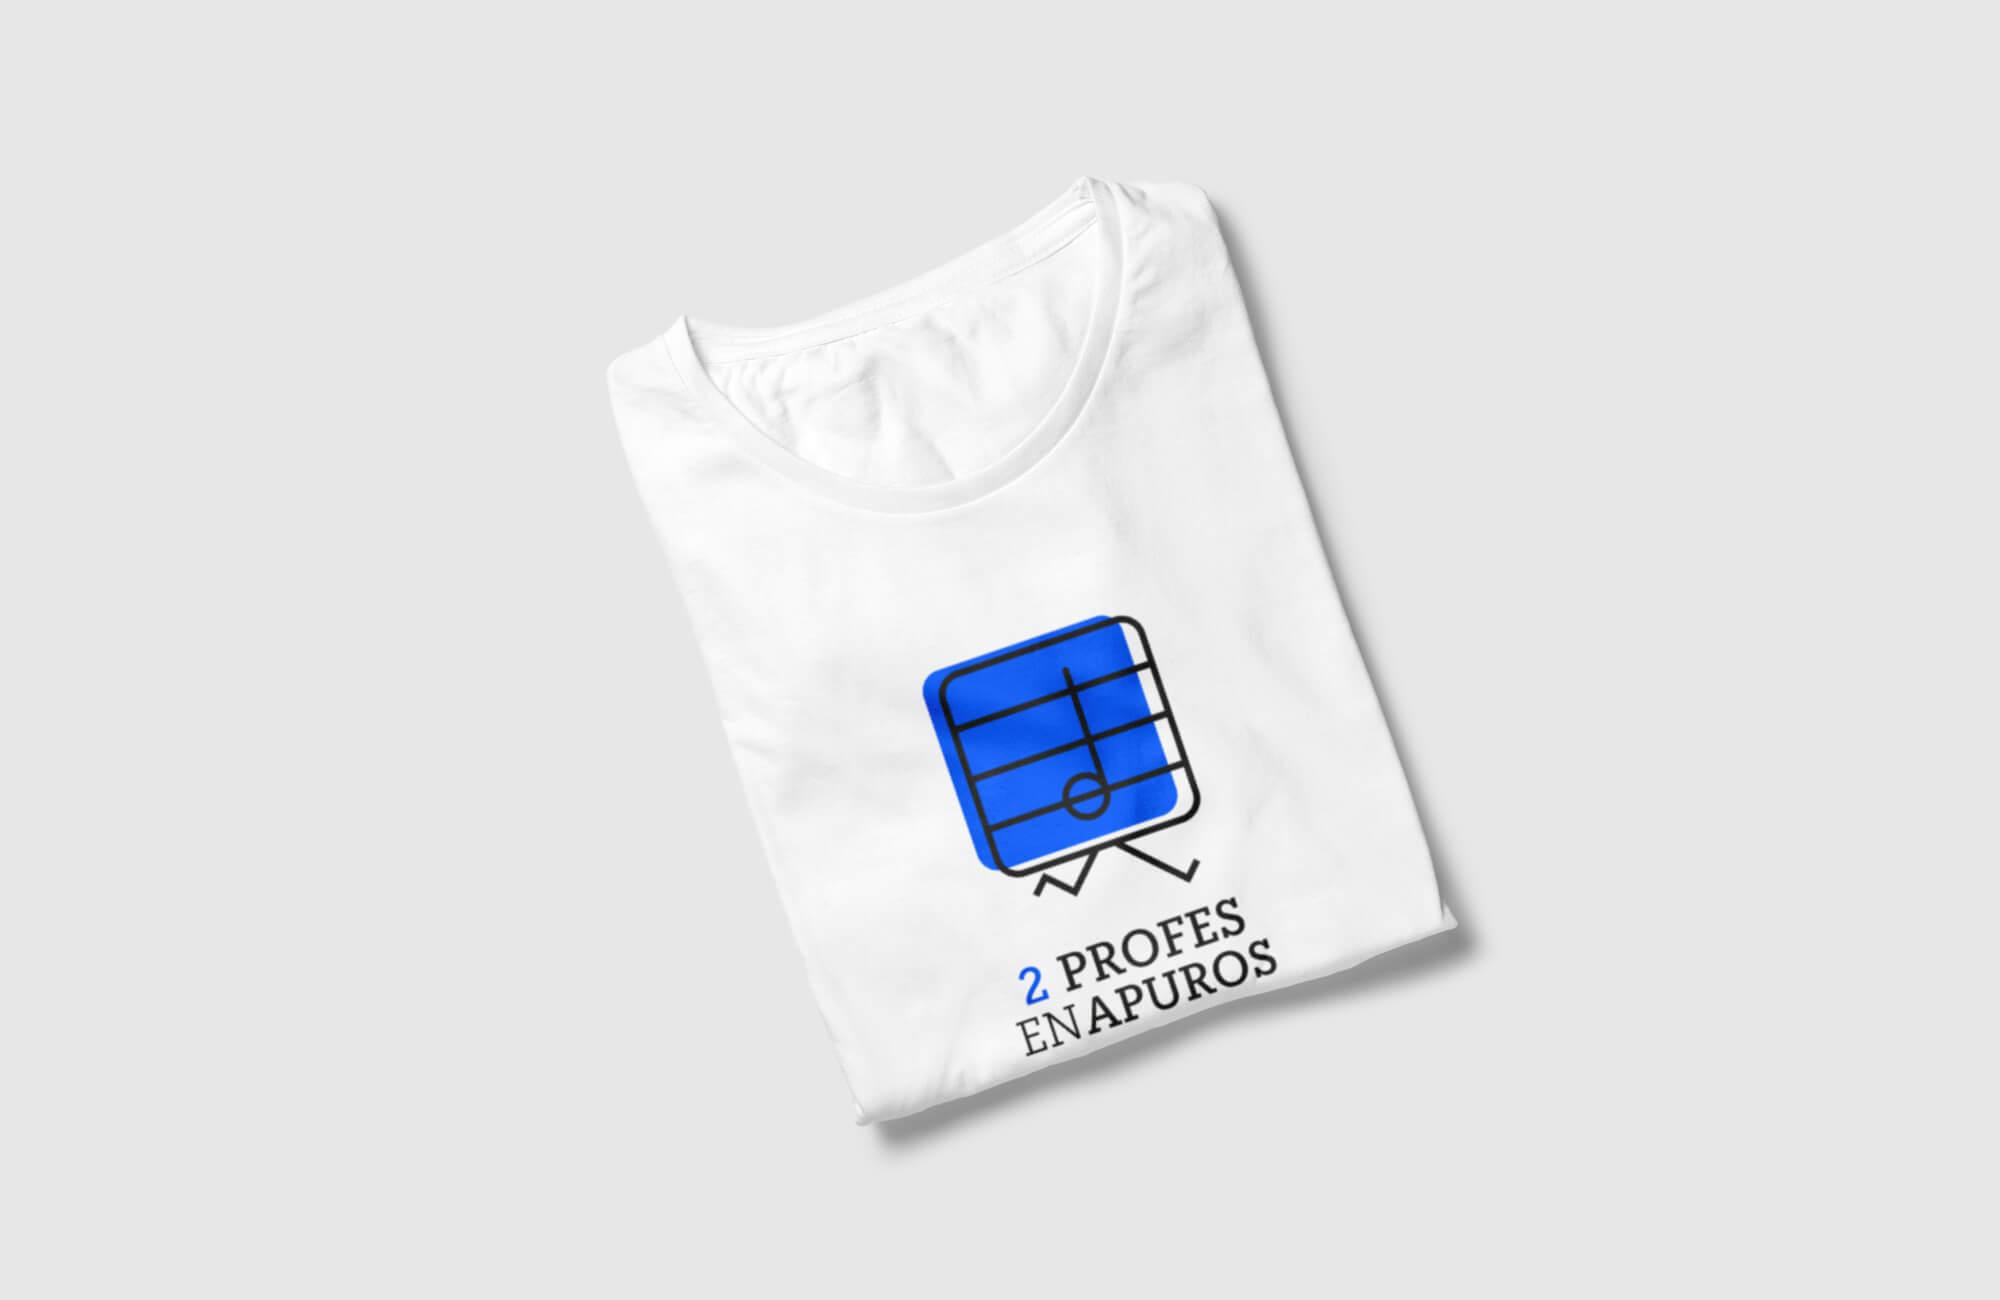 2profes_camiseta